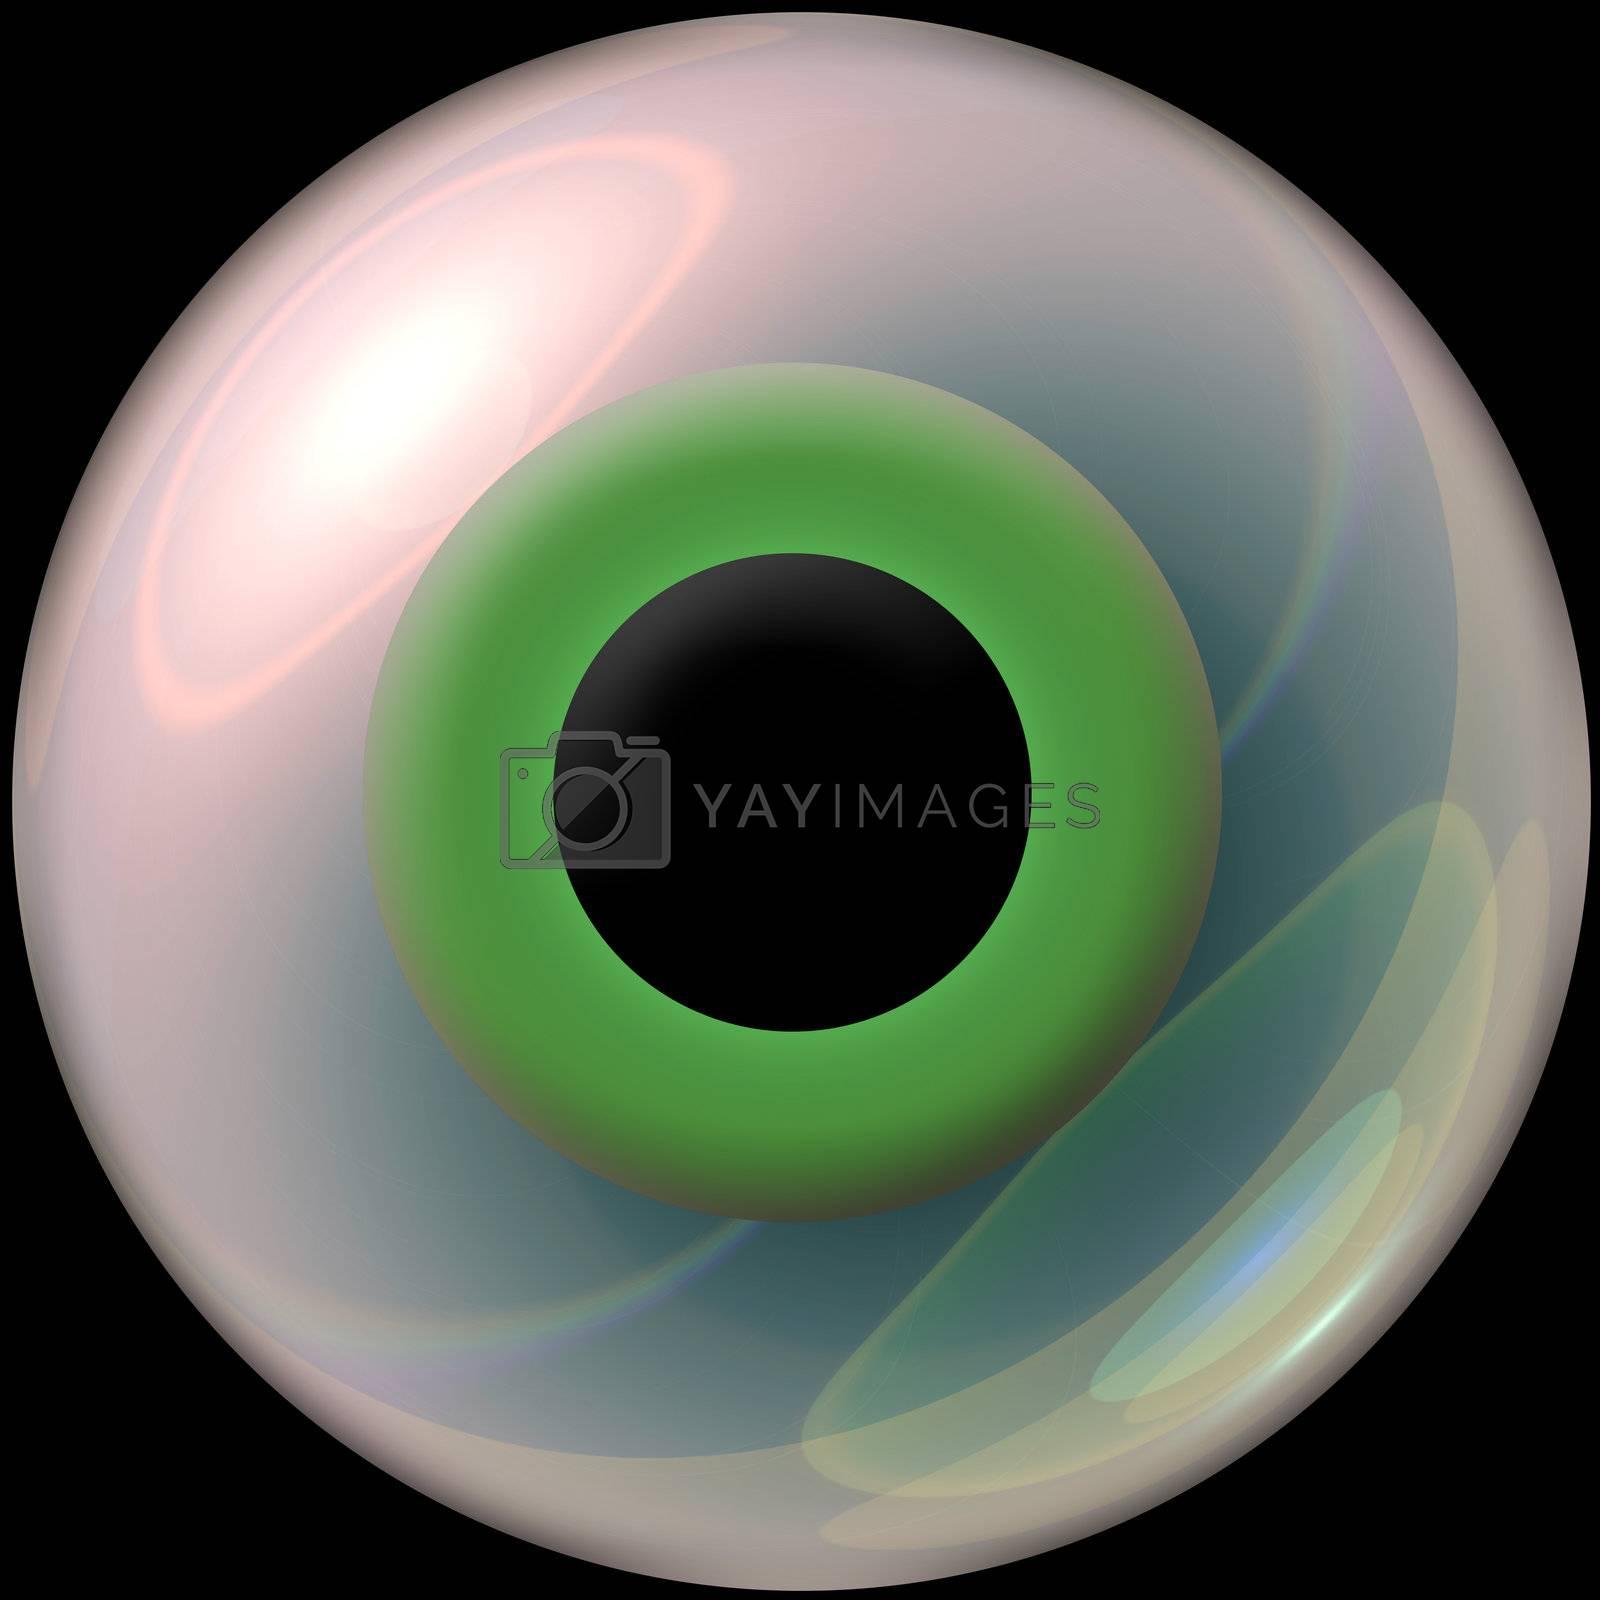 A nice green 3d eye.